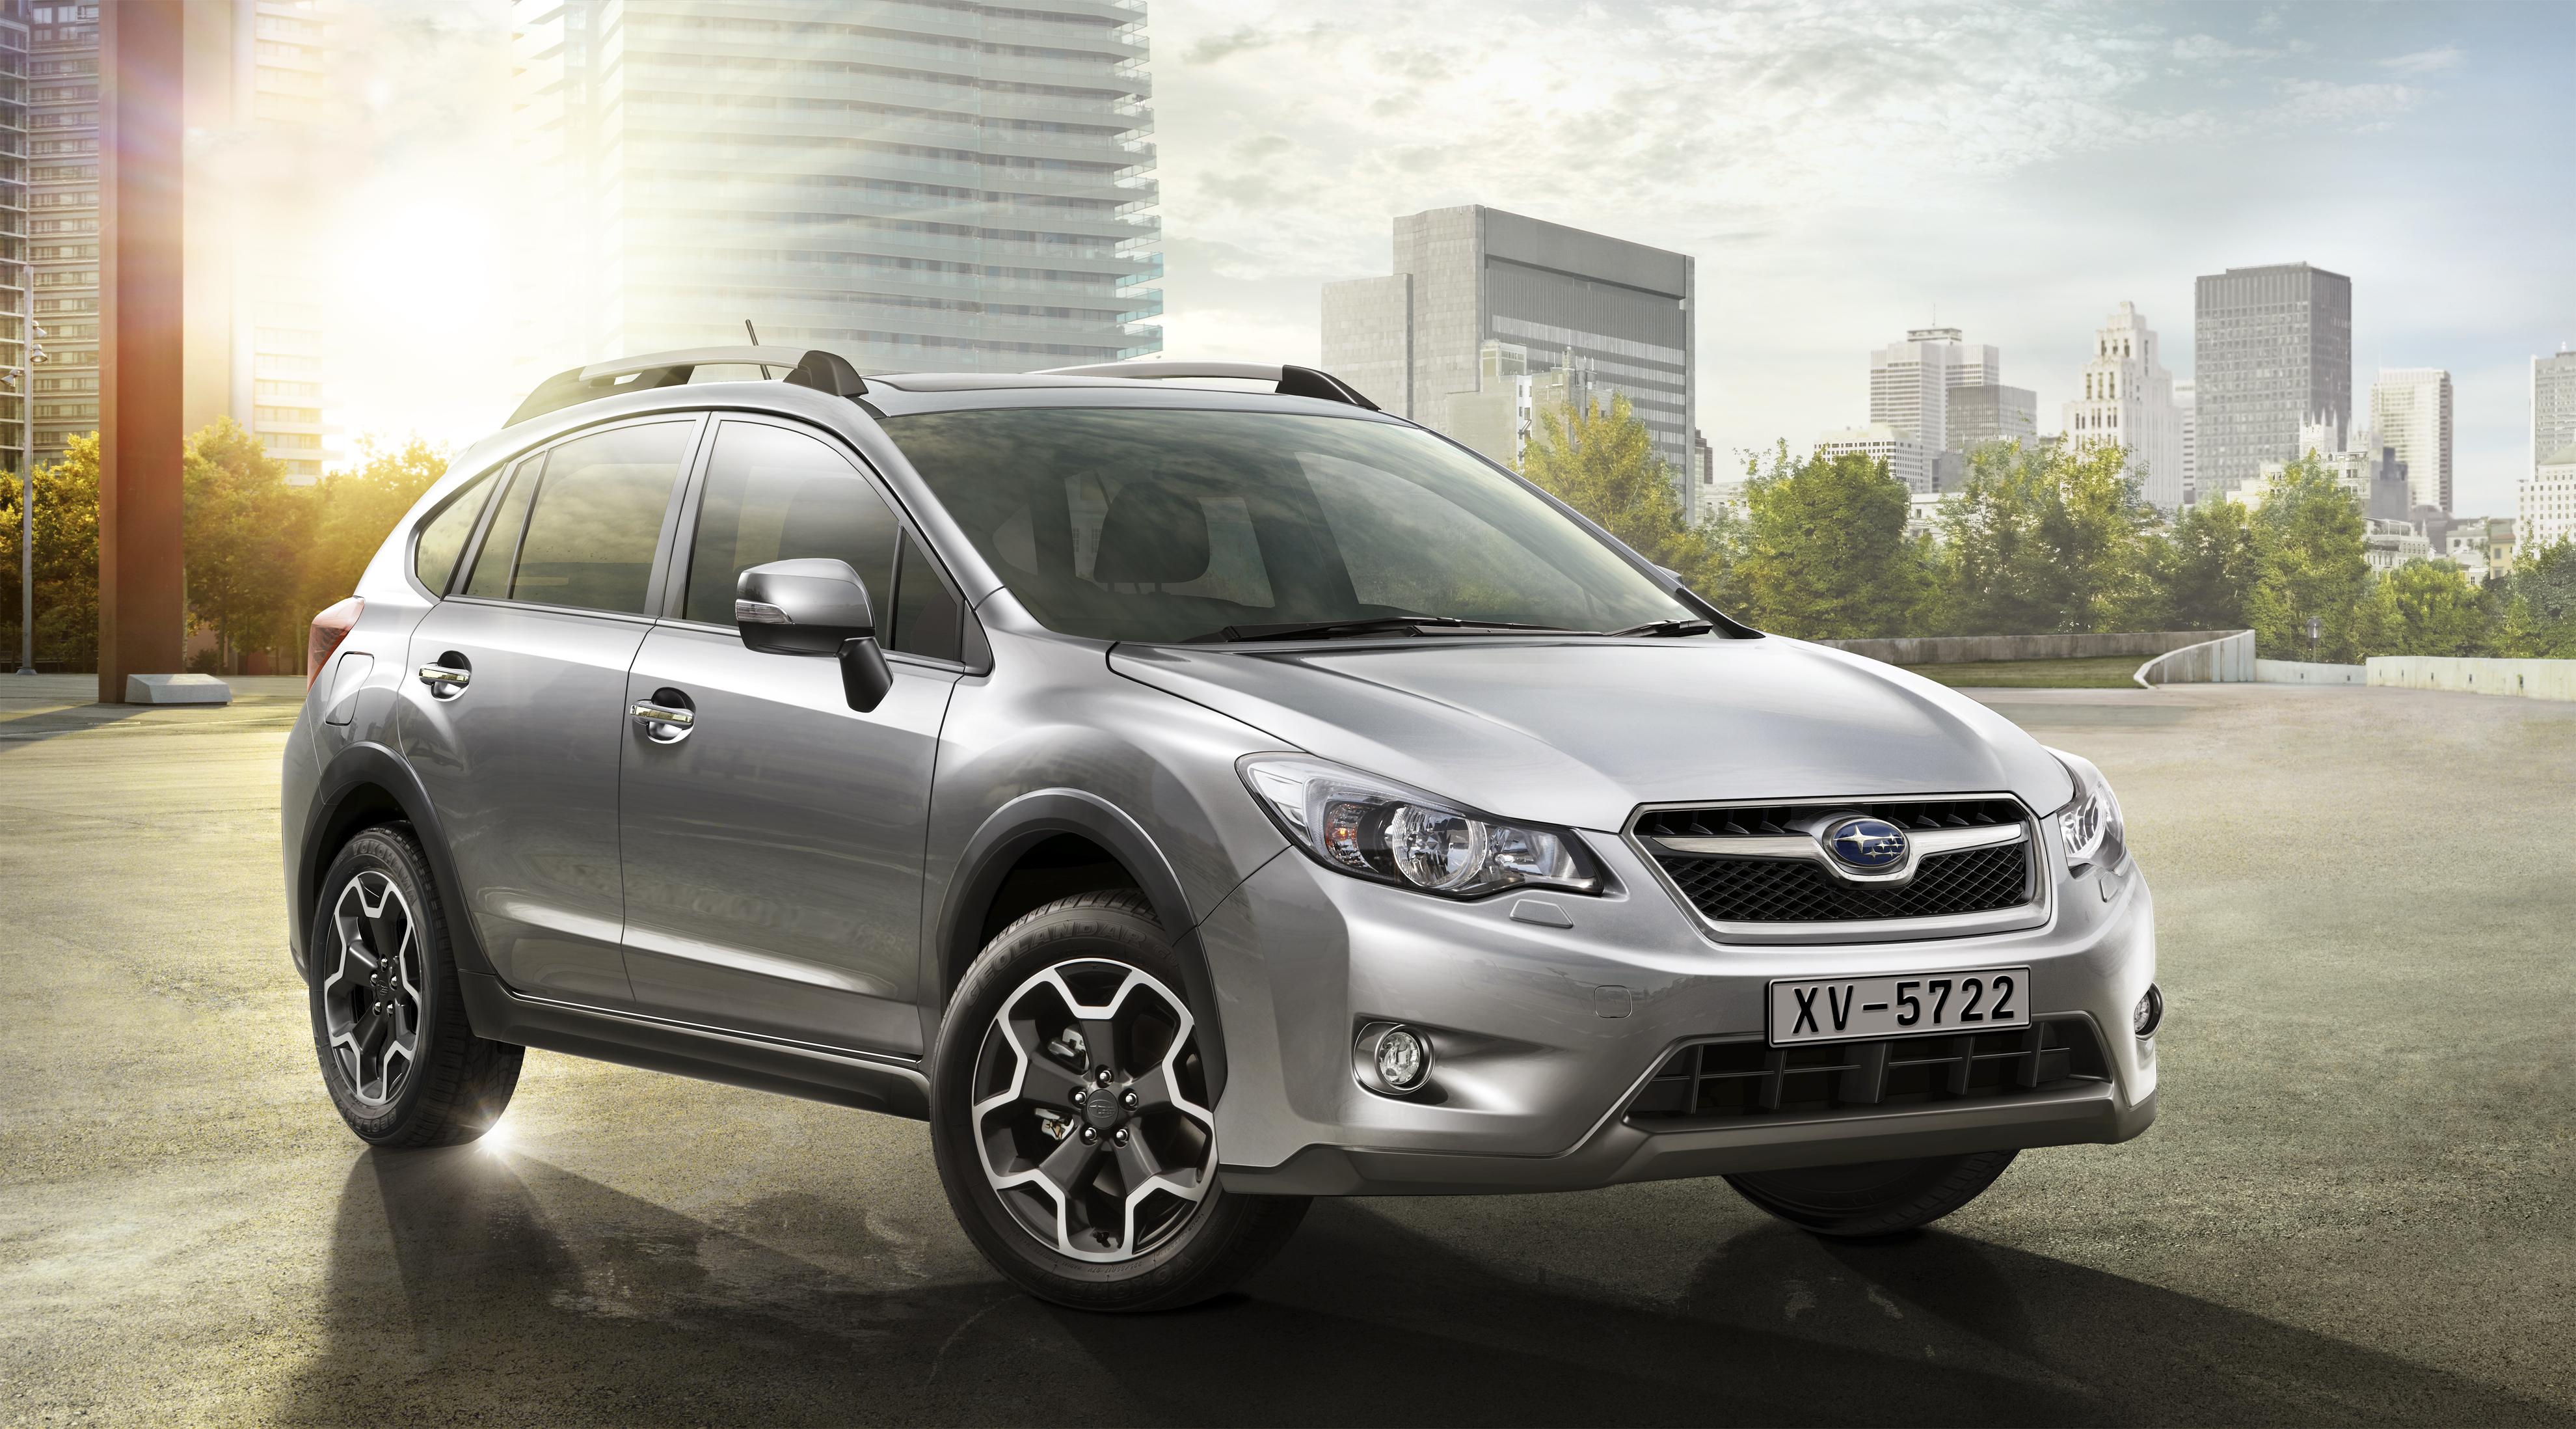 Certified Pre Owned Honda >> Subaru XV 2018 2.0L Premium in UAE: New Car Prices, Specs, Reviews & Photos | YallaMotor